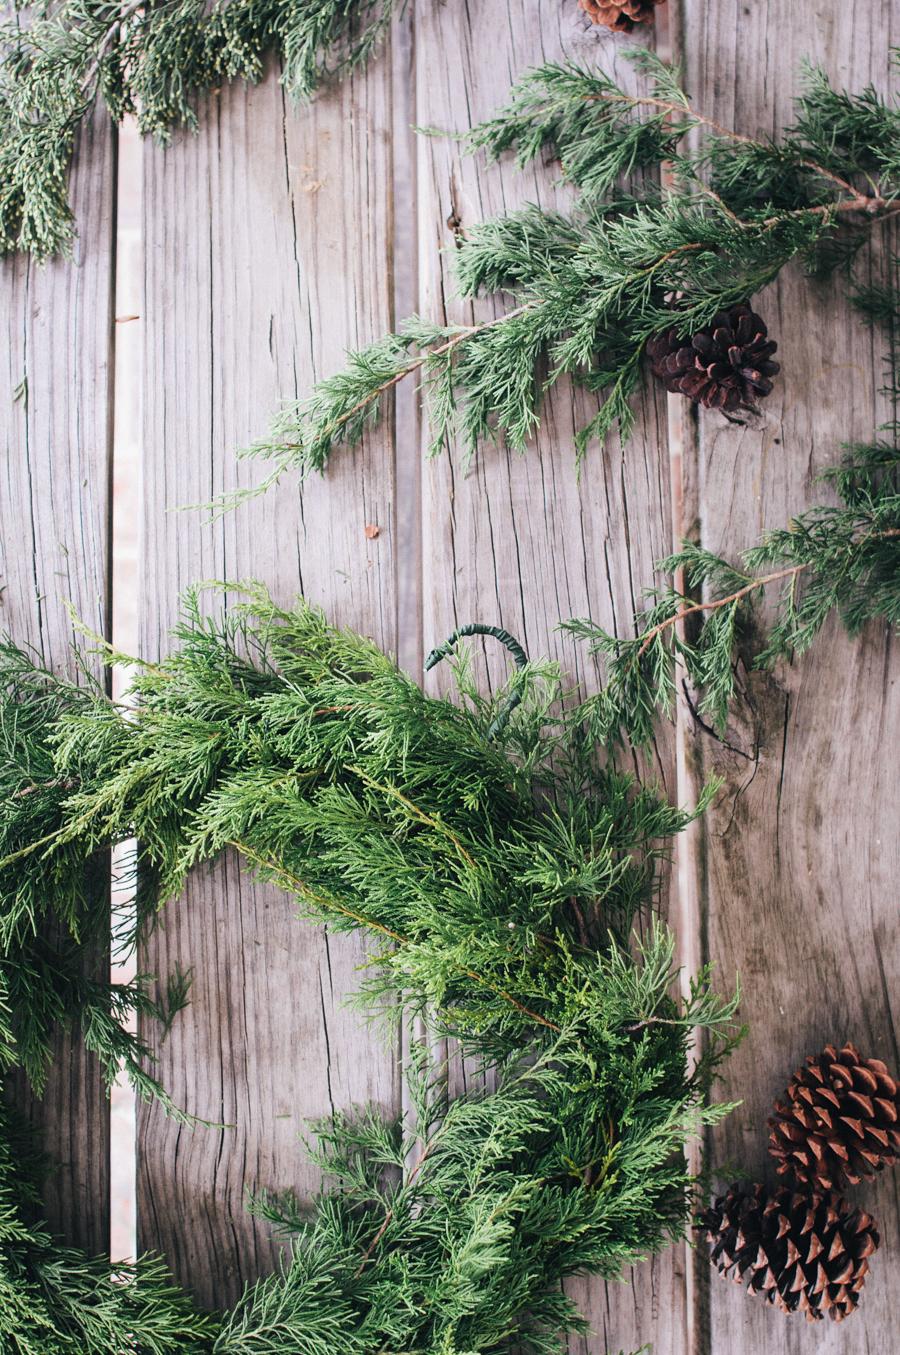 simple organic greenery wreath